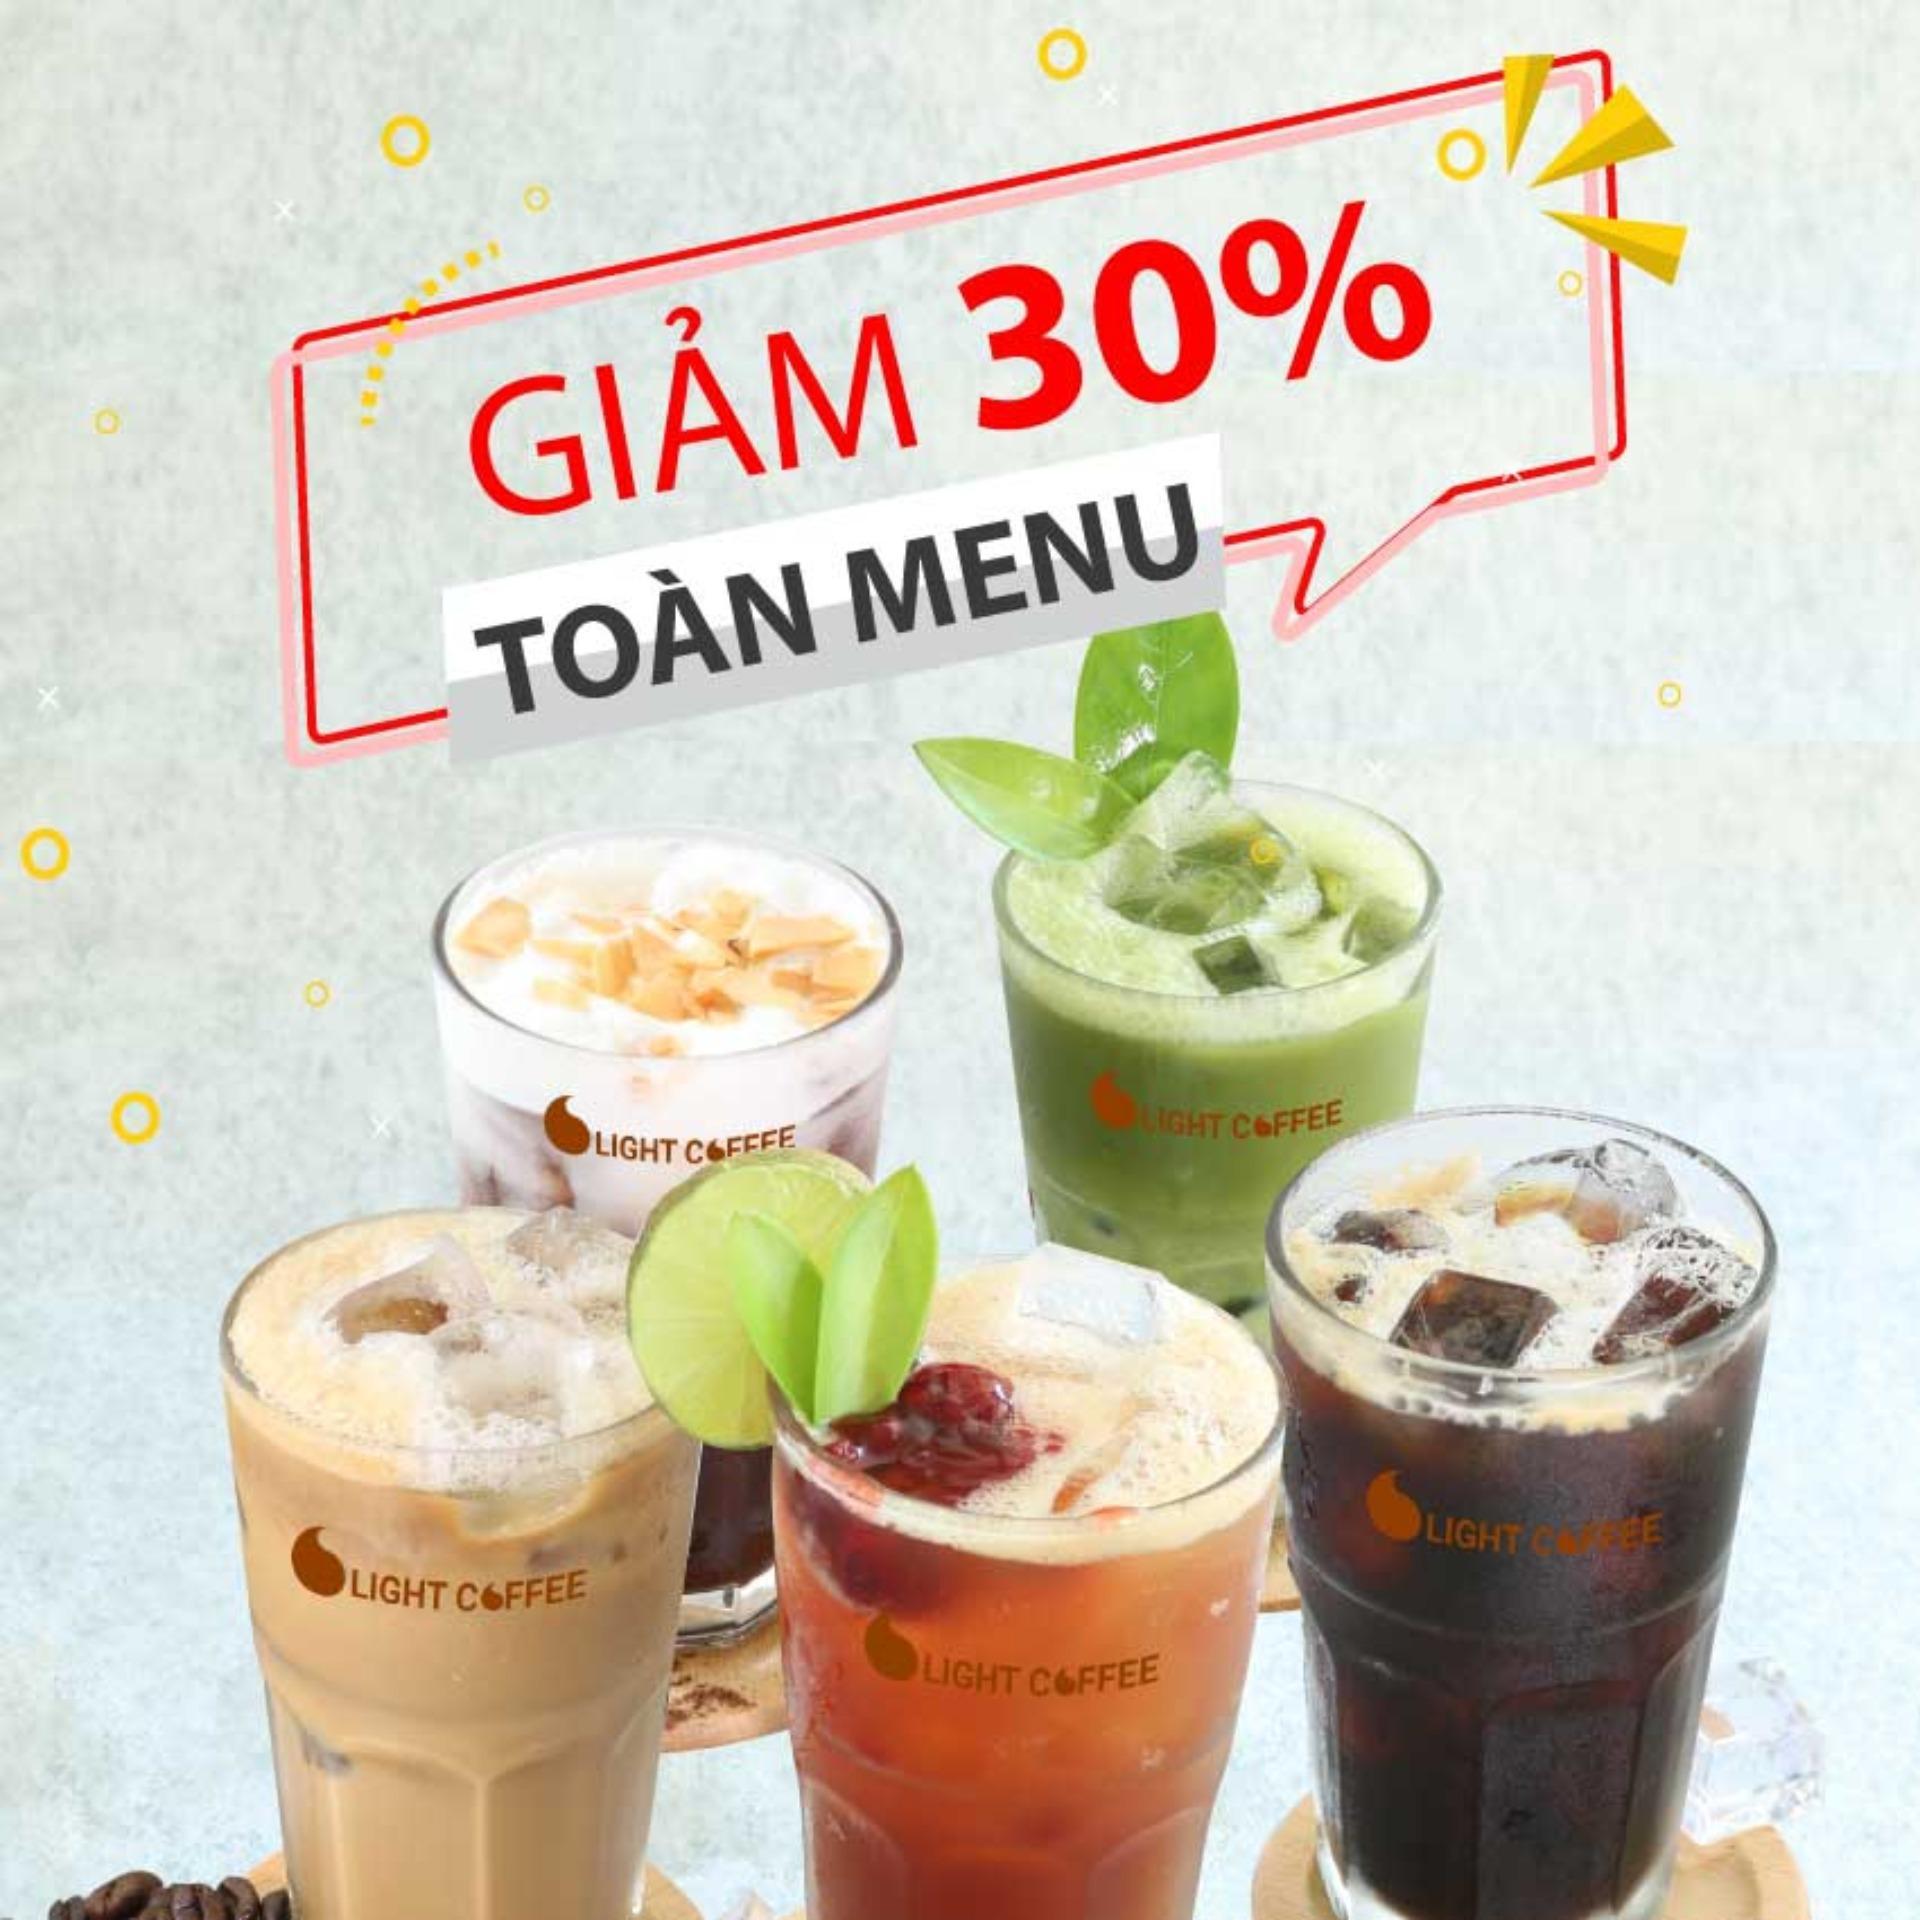 HCM - Evoucher Light Coffee Giảm 30% toàn menu thức uống, áp dụng tại Light Coffee Official Store